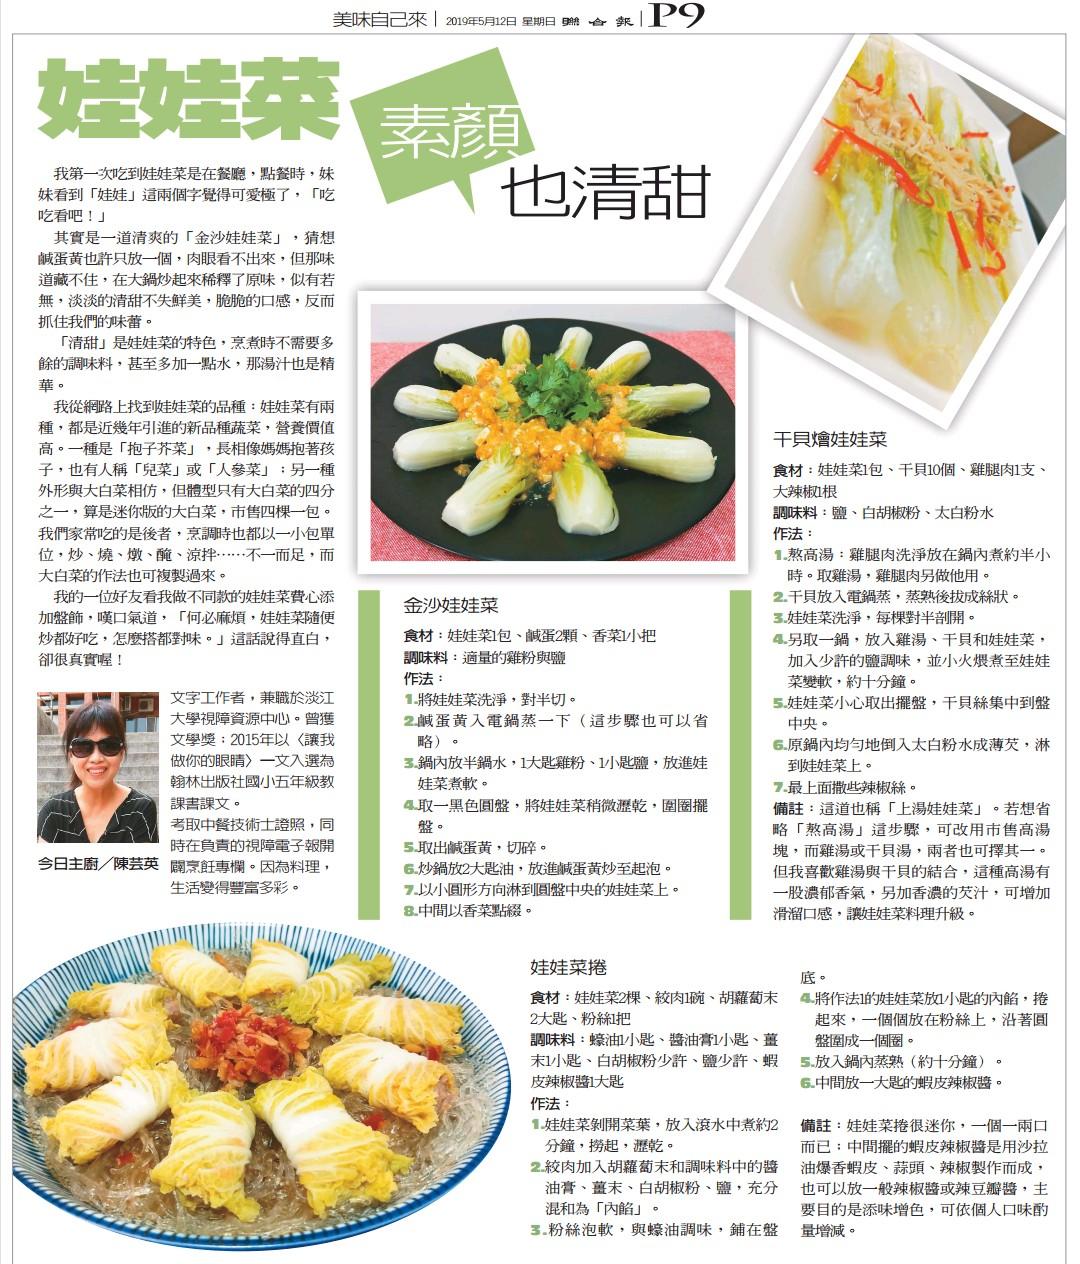 01聯合報週日推出的「元氣週報」,介紹了三道我做的「娃娃菜」料理。